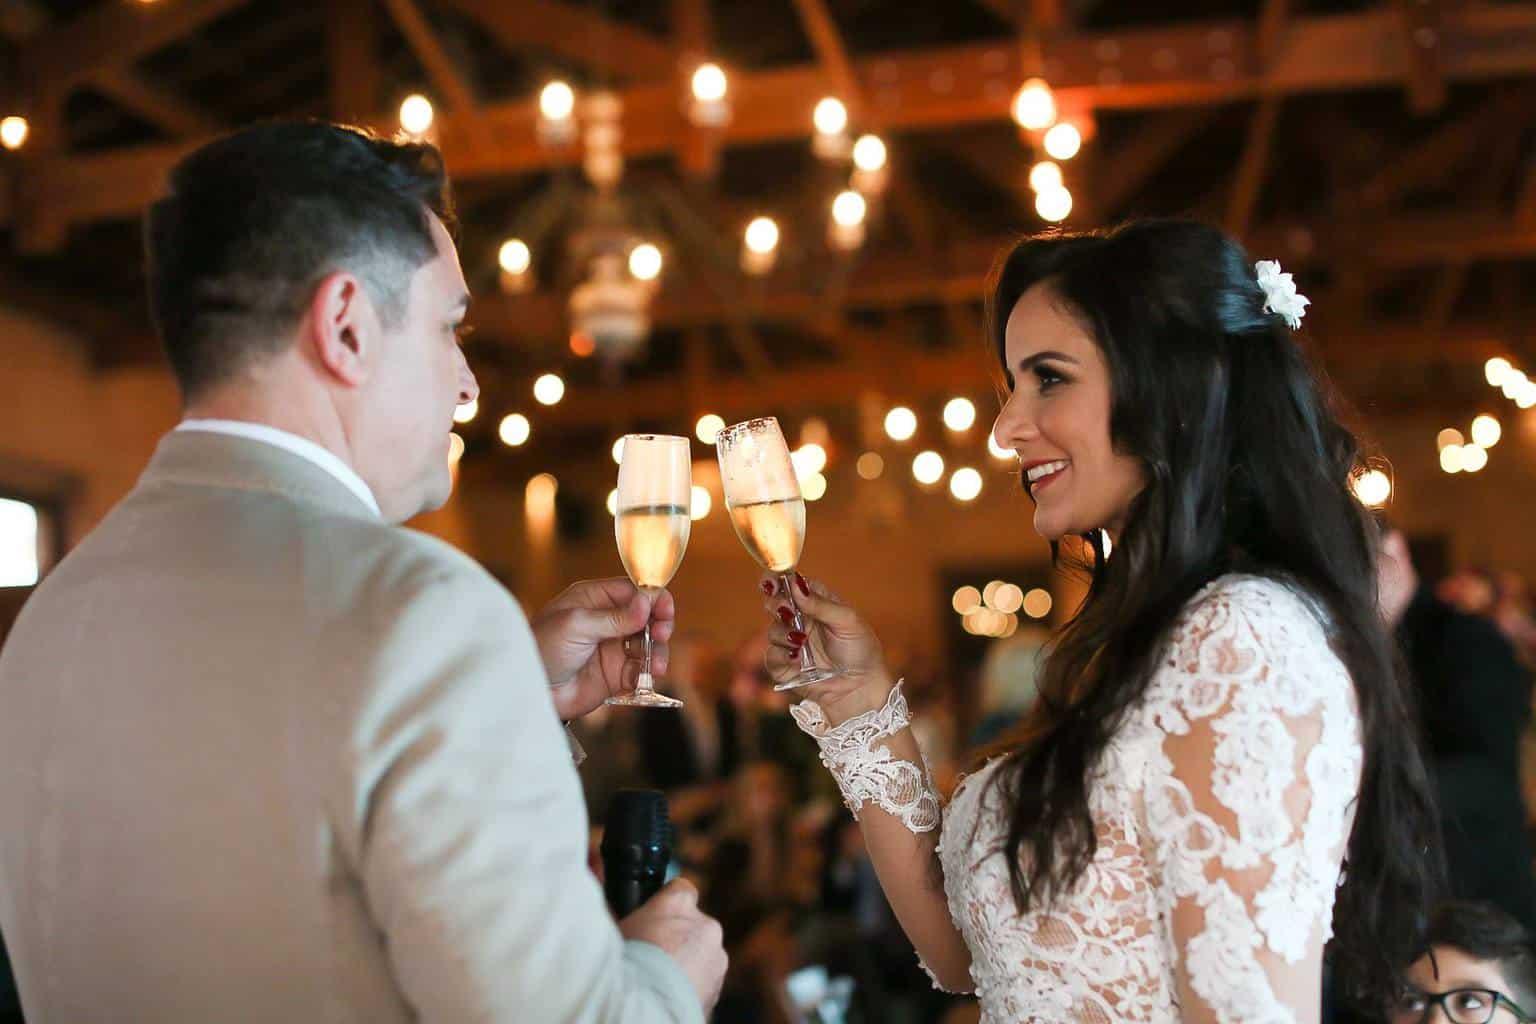 casamento-ariane-e-antonio-carlos-caseme-foto-silvia-penati-33